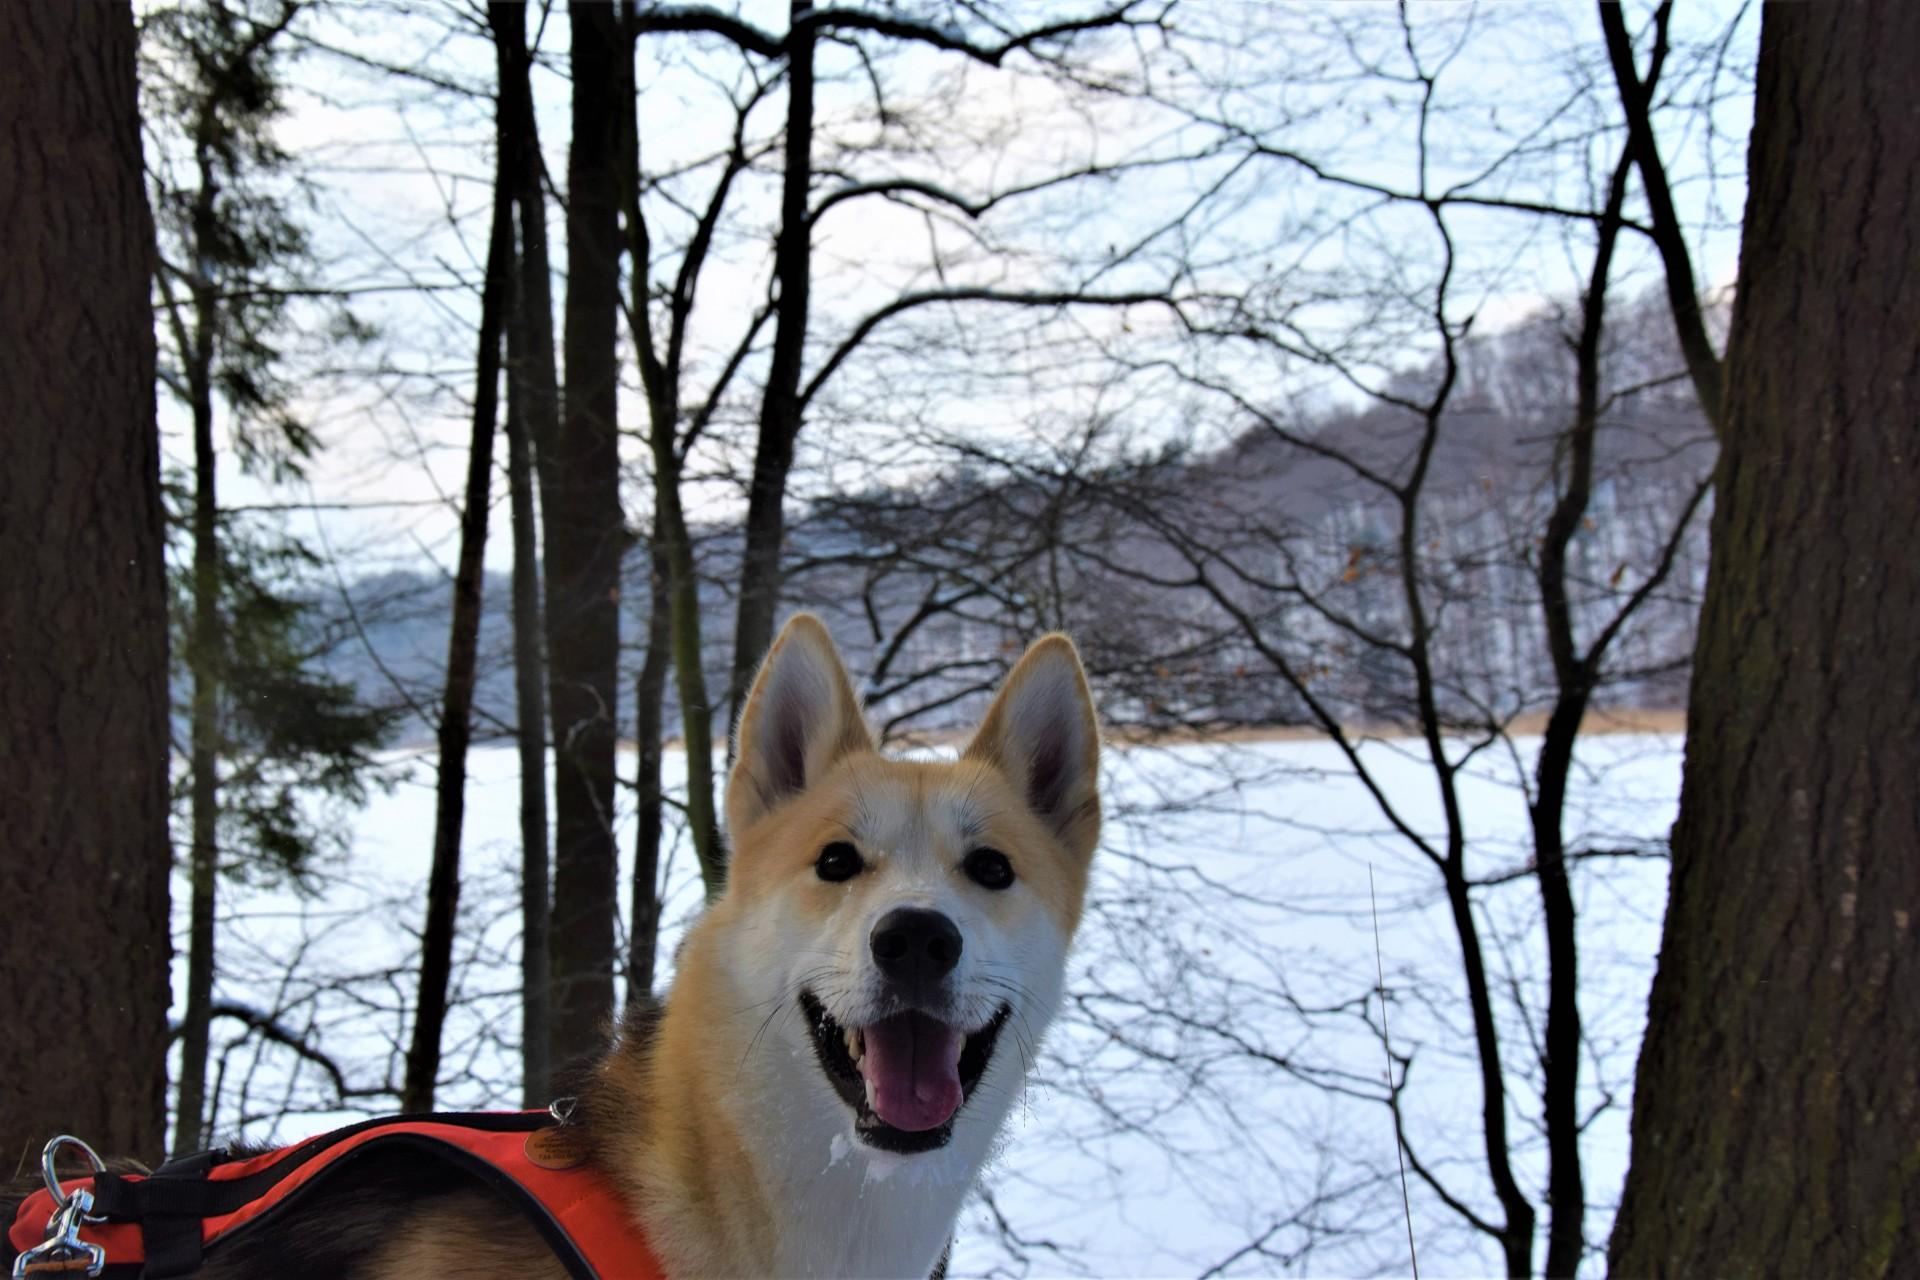 Lasy Mirachowskie zimą czyli Buschcraft w wersji light 4